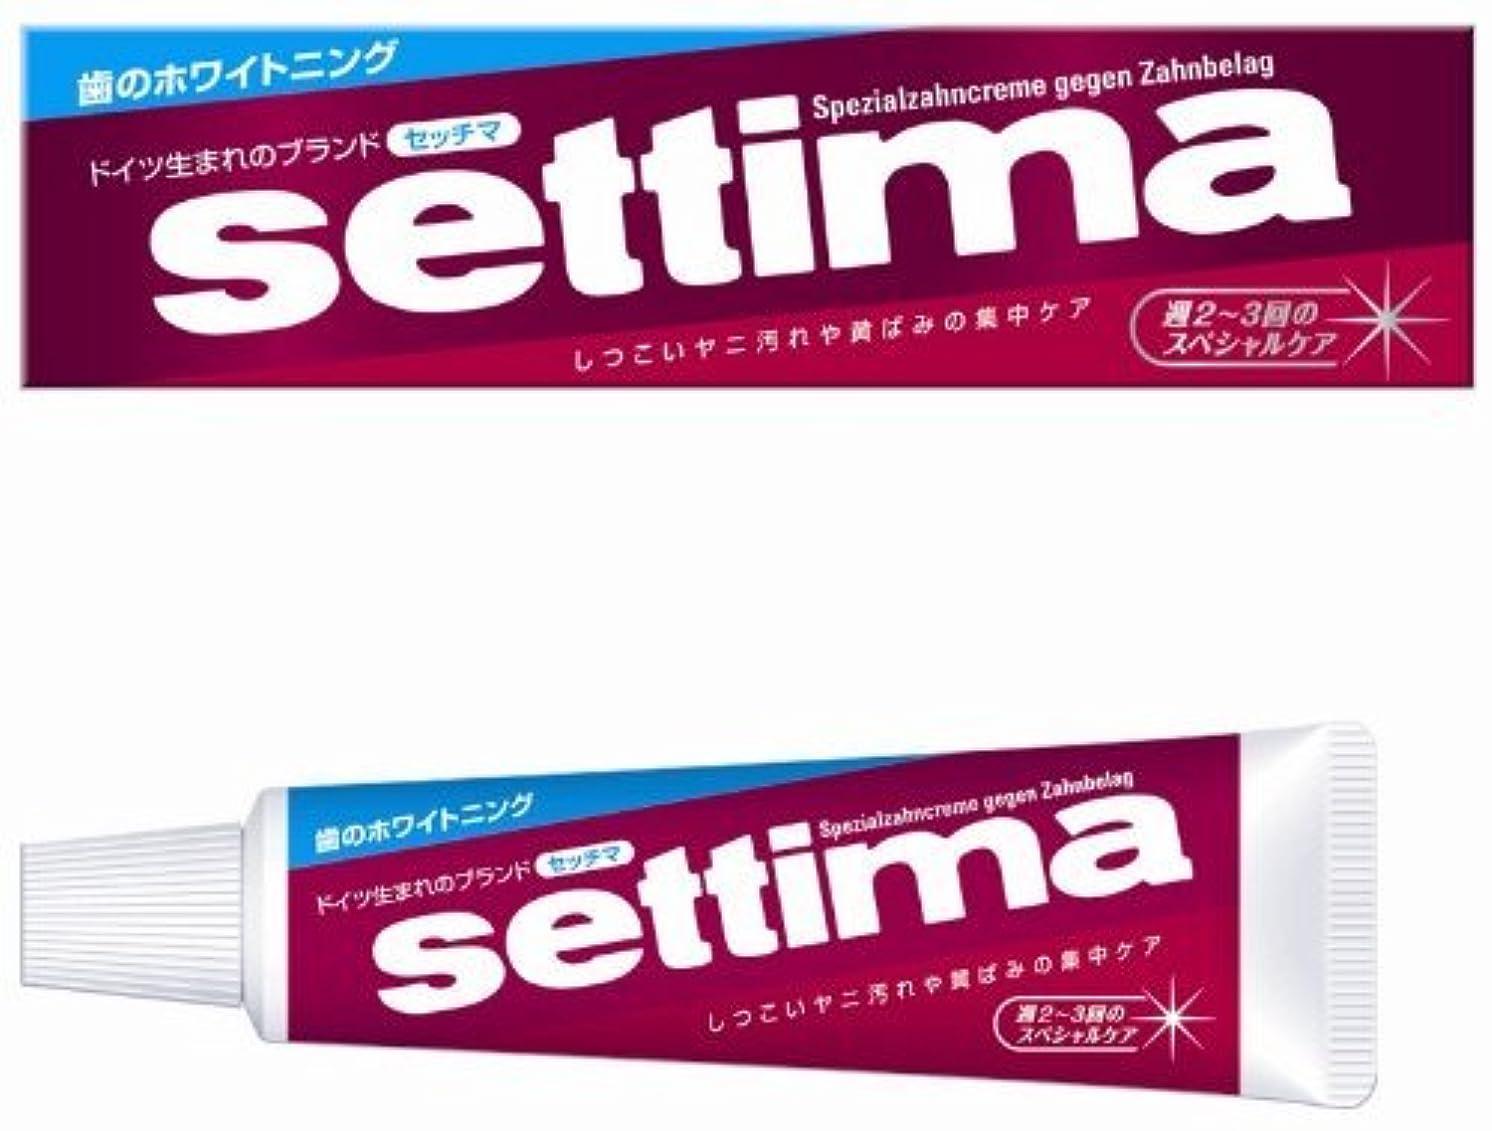 電気陽性放射するモトリーsettima(セッチマ) はみがき スペシャル (箱タイプ) 40g